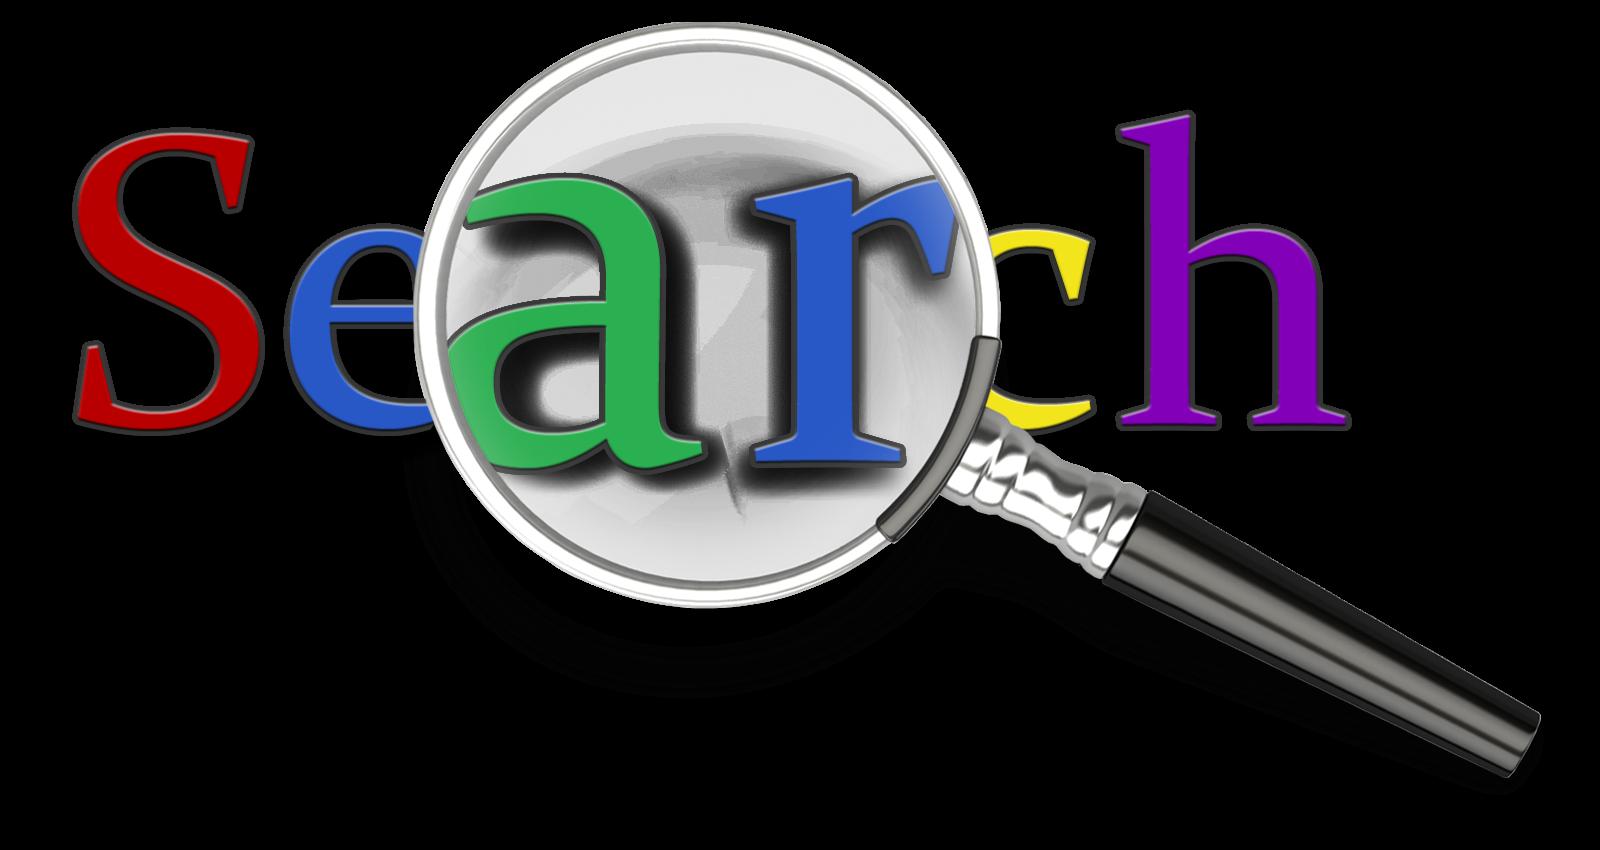 Clipartguidecom image search clipart free library Search engines - ClipartFest clipart free library